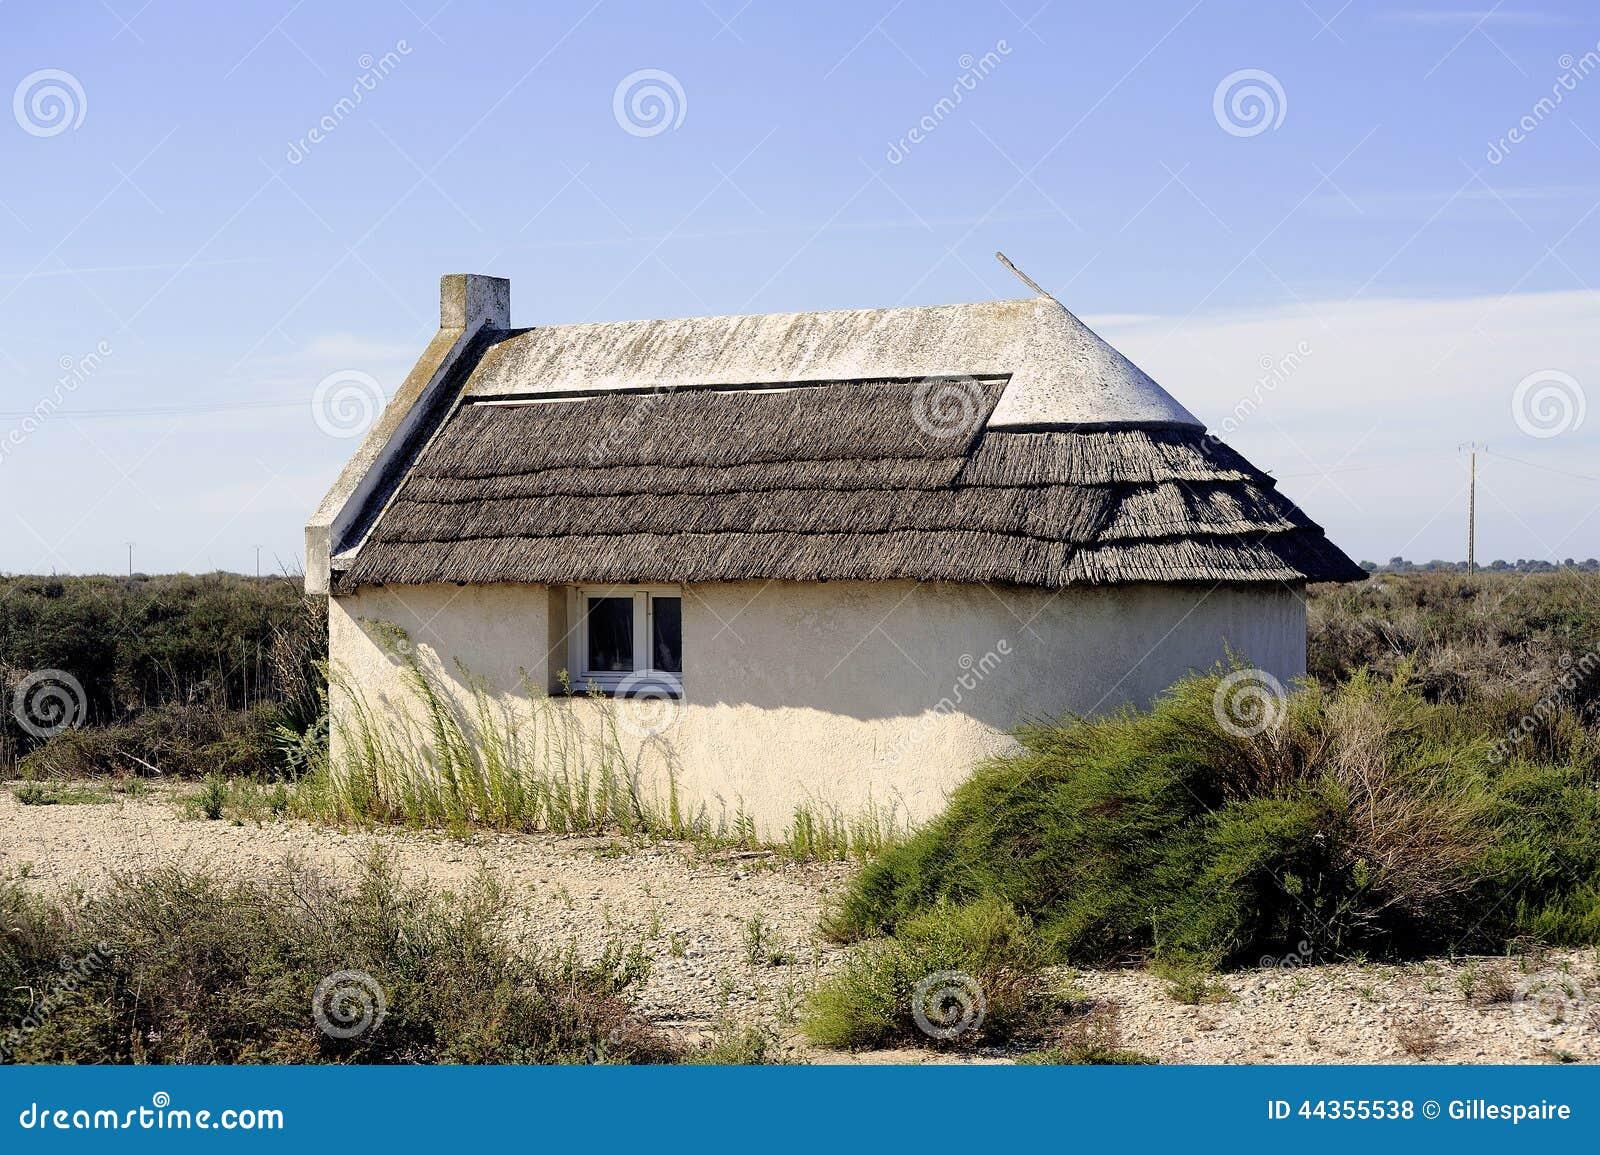 Maison traditionnelle de camargue photo stock image for Maison de camargue